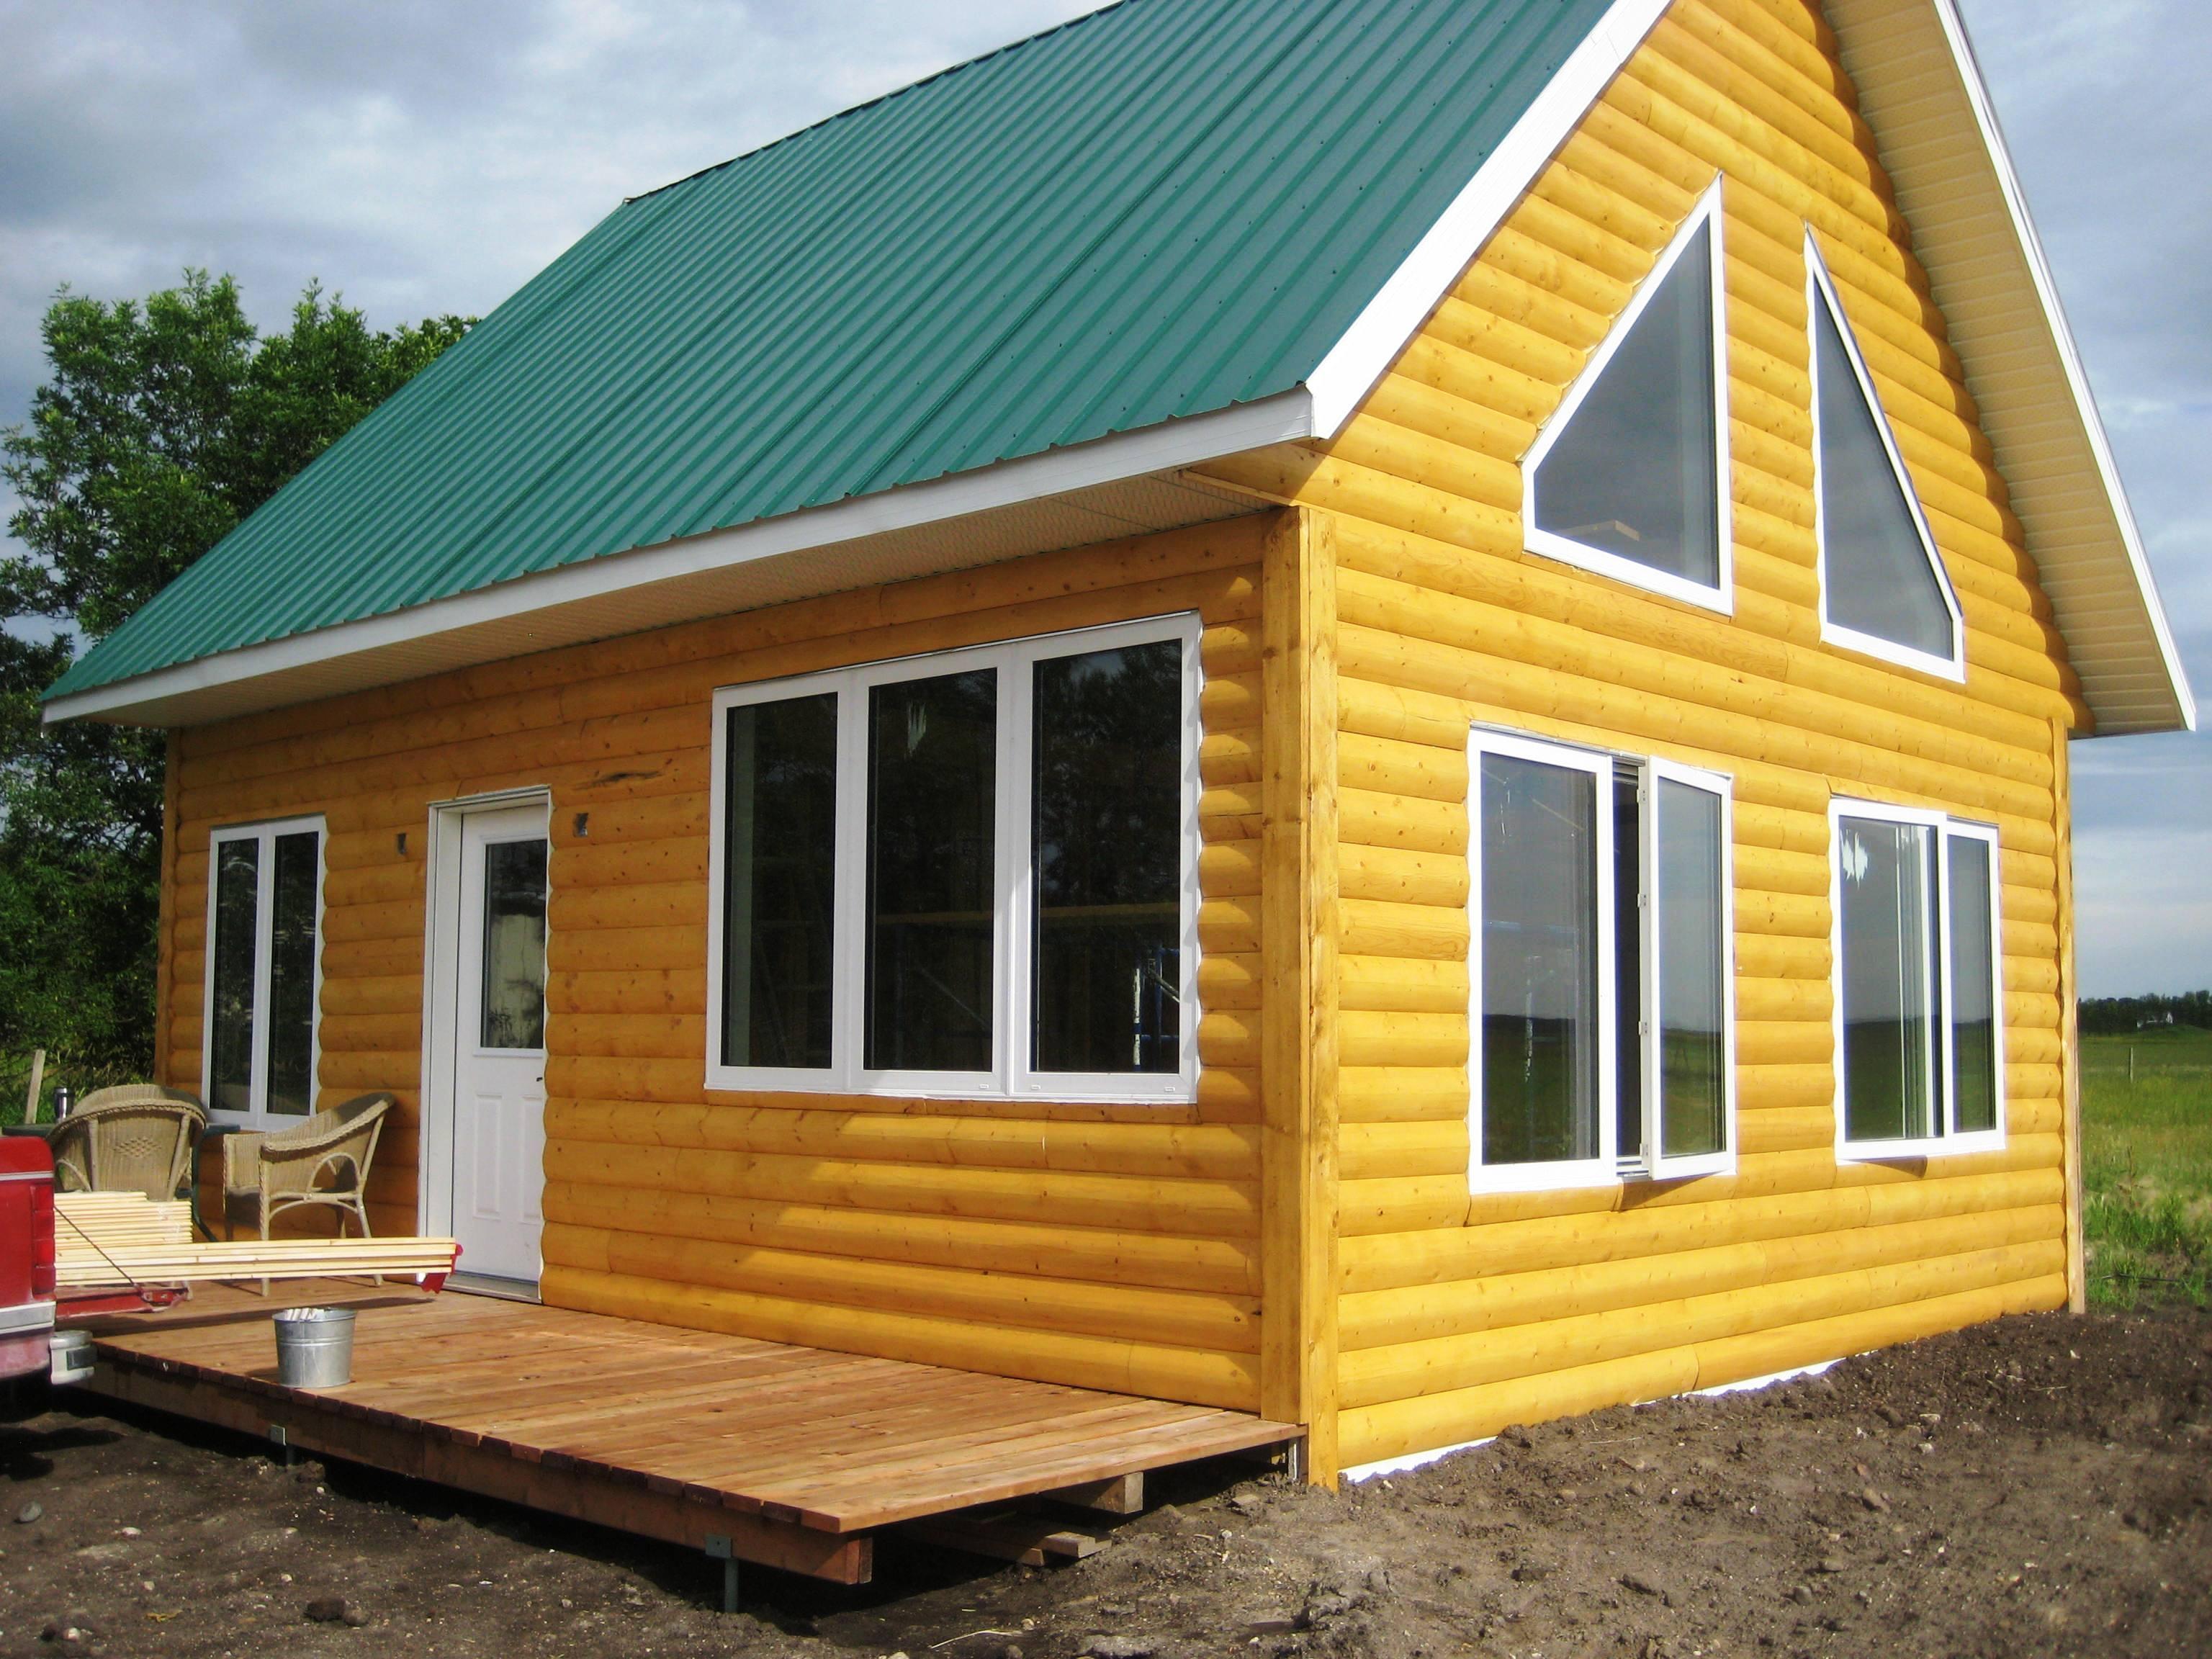 Gary Martens Small House Tour Nov 8 Home